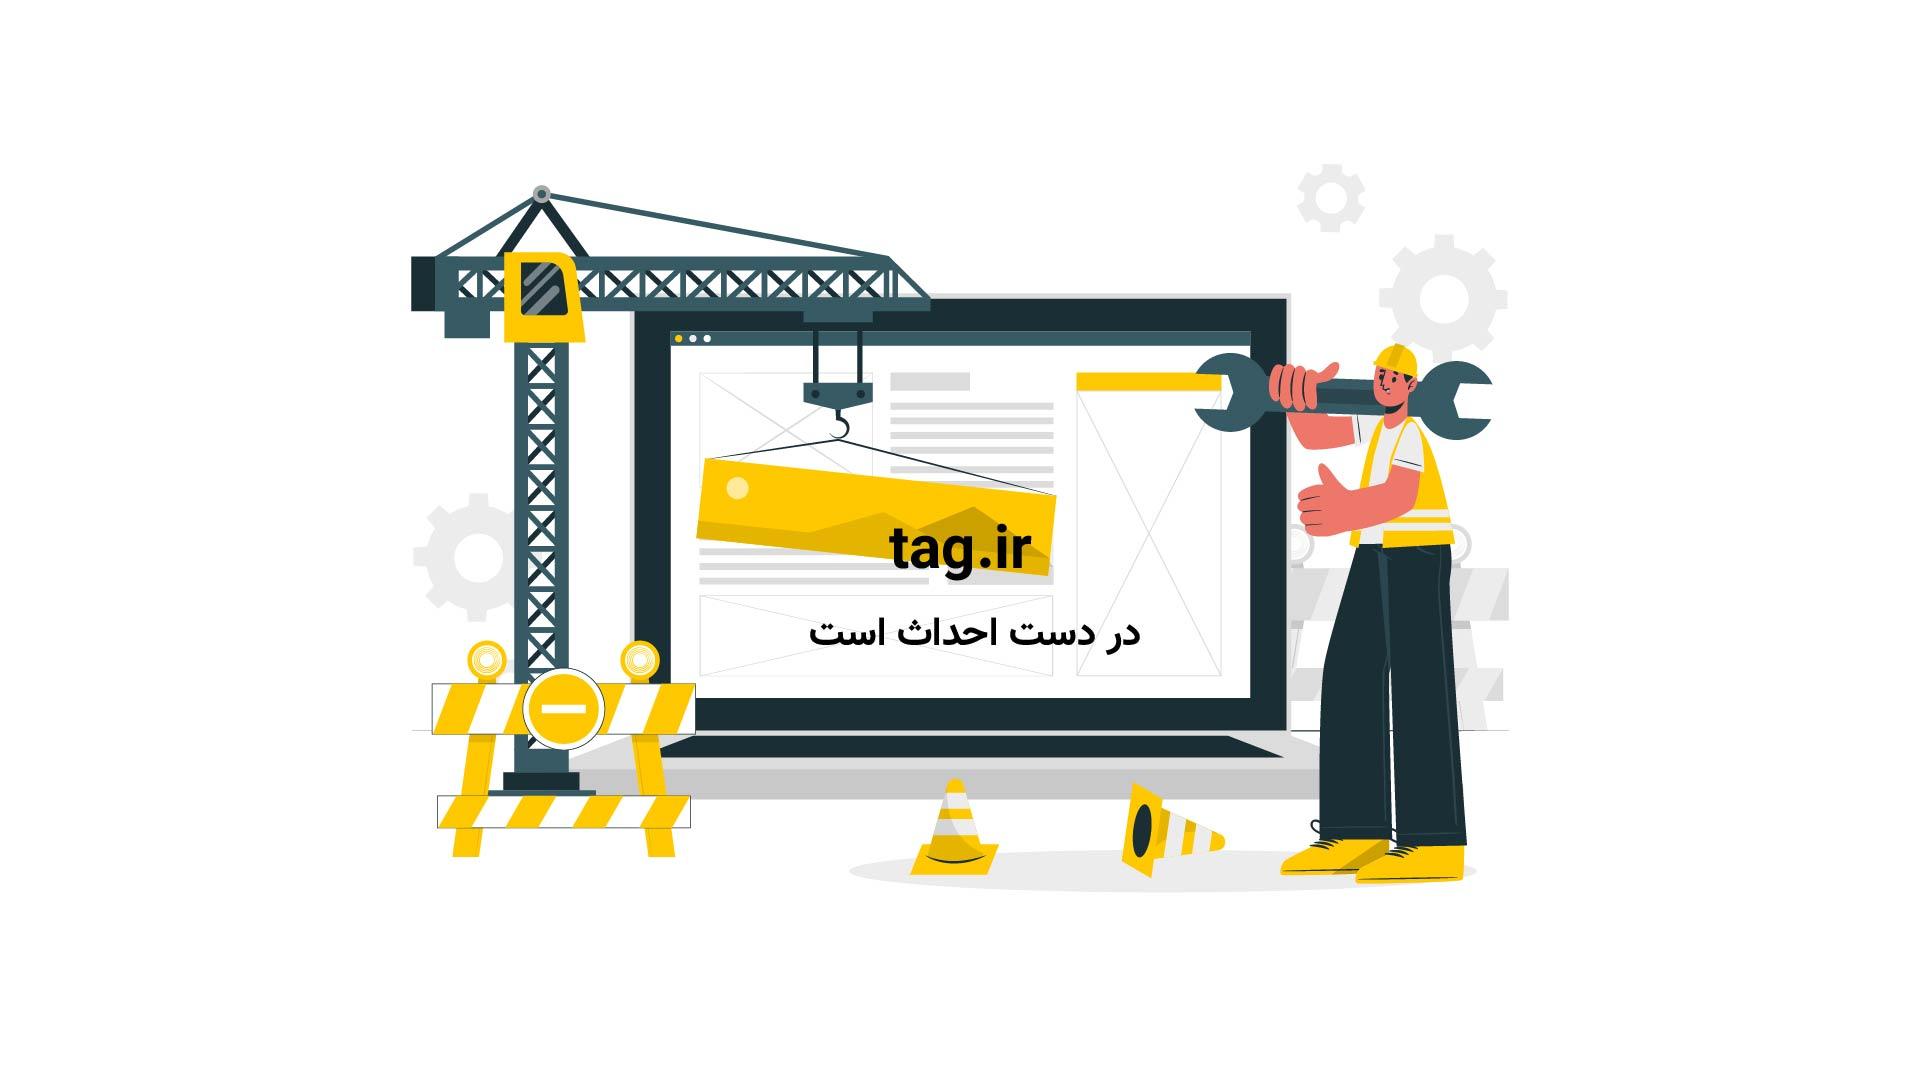 شهدای 15 خرداد | تگ